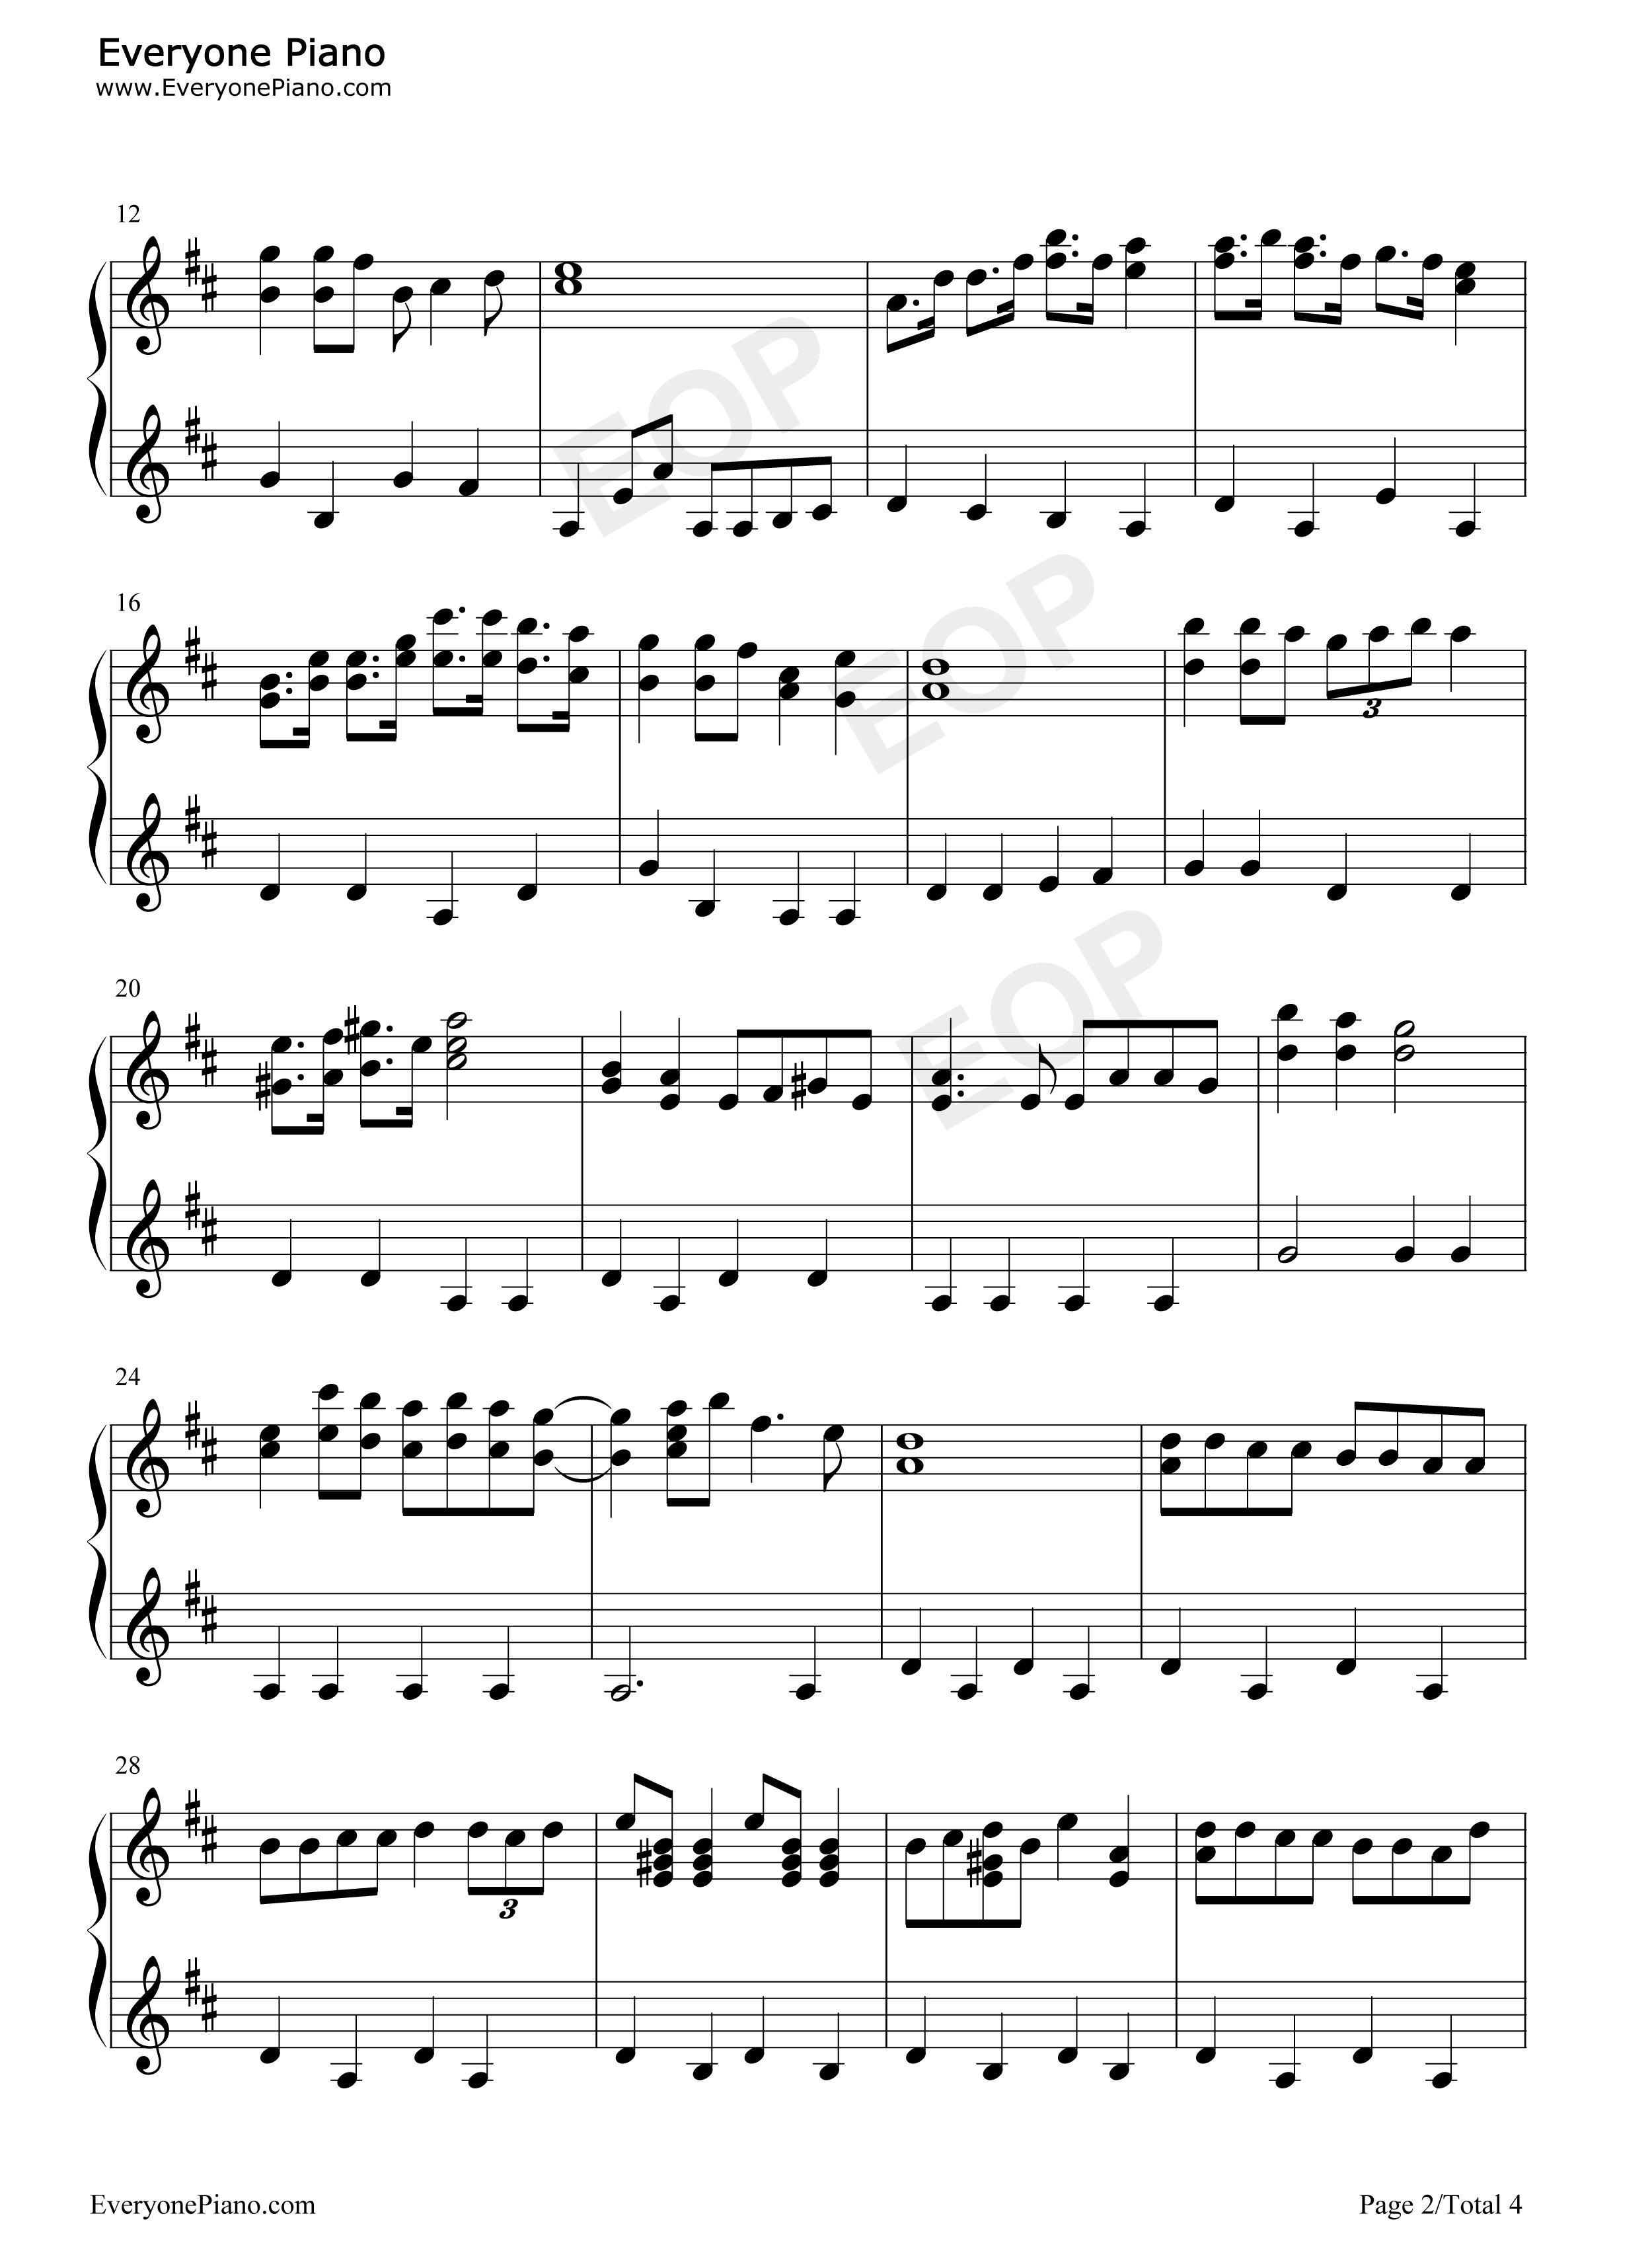 哆啦A夢主題曲-哆啦A夢之歌-Doraemon五線譜預覽2-鋼琴譜檔(五線譜、雙手簡譜、數位譜、Midi、PDF)免費下載